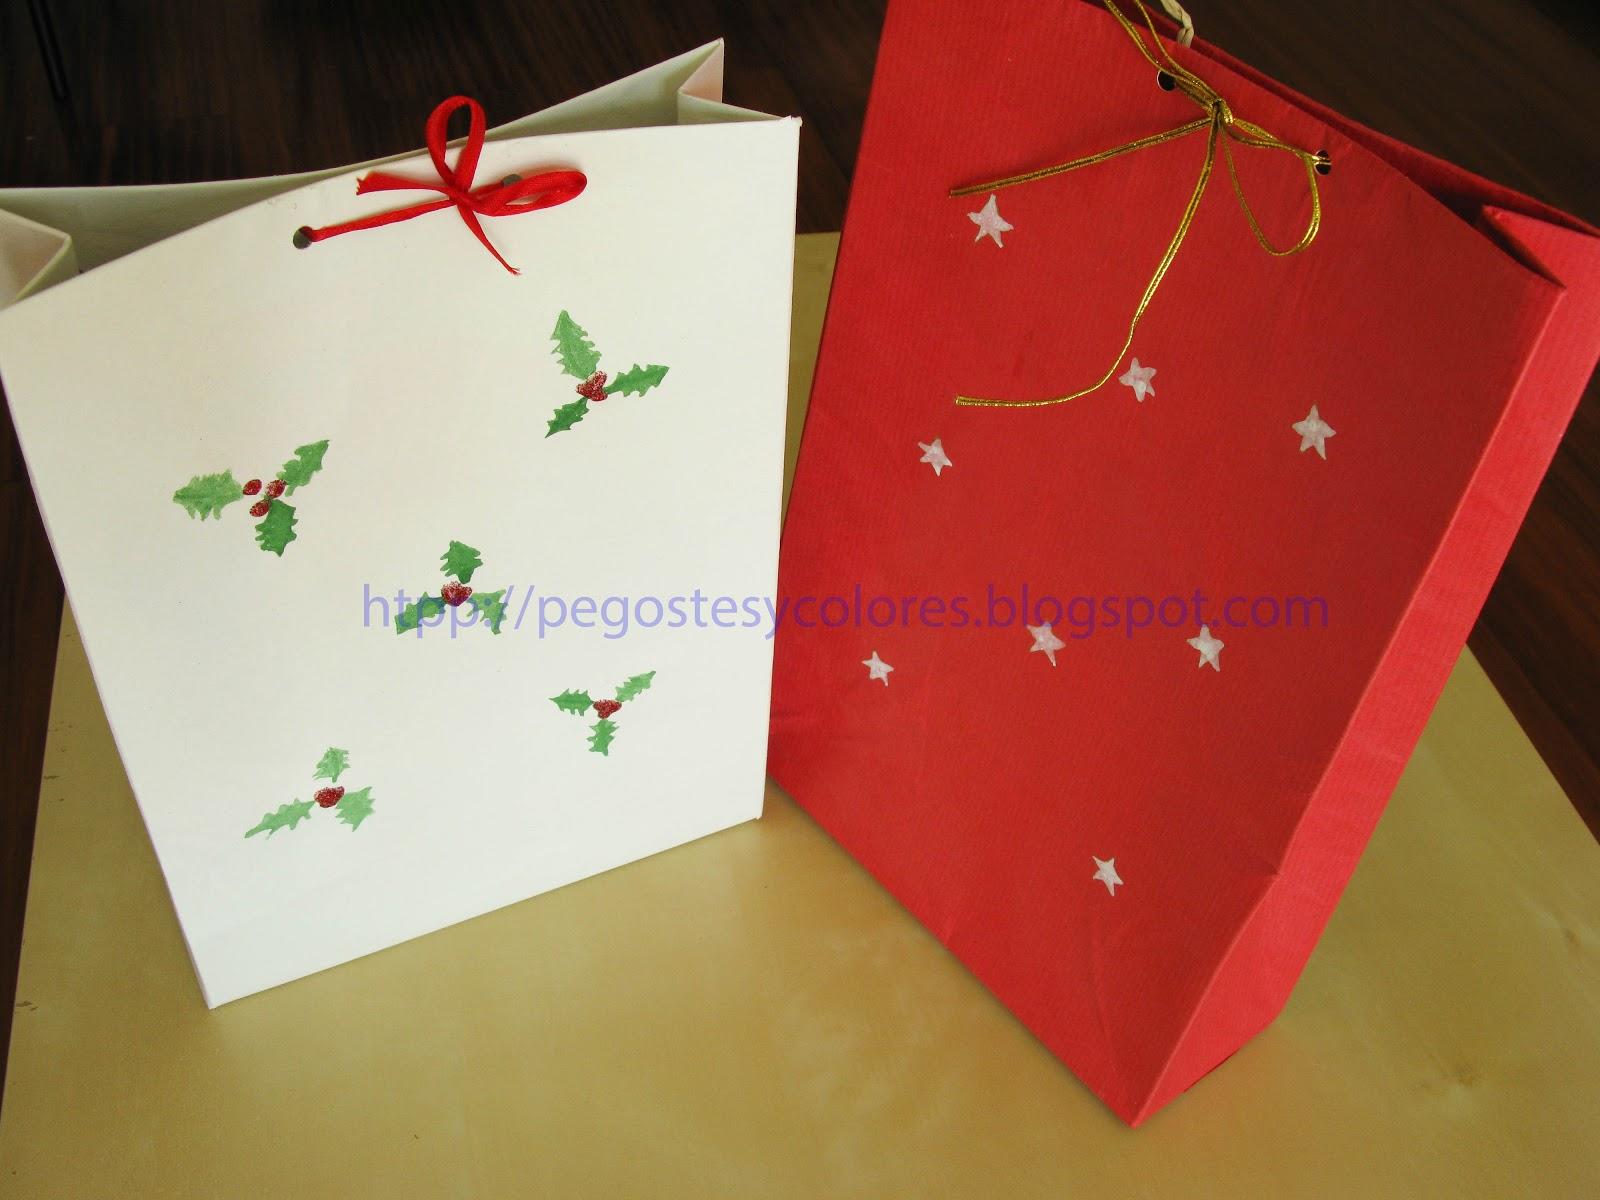 Pegostes y colores como hacer bolsas de regalo para navidad - Como hacer bolsas de regalo ...